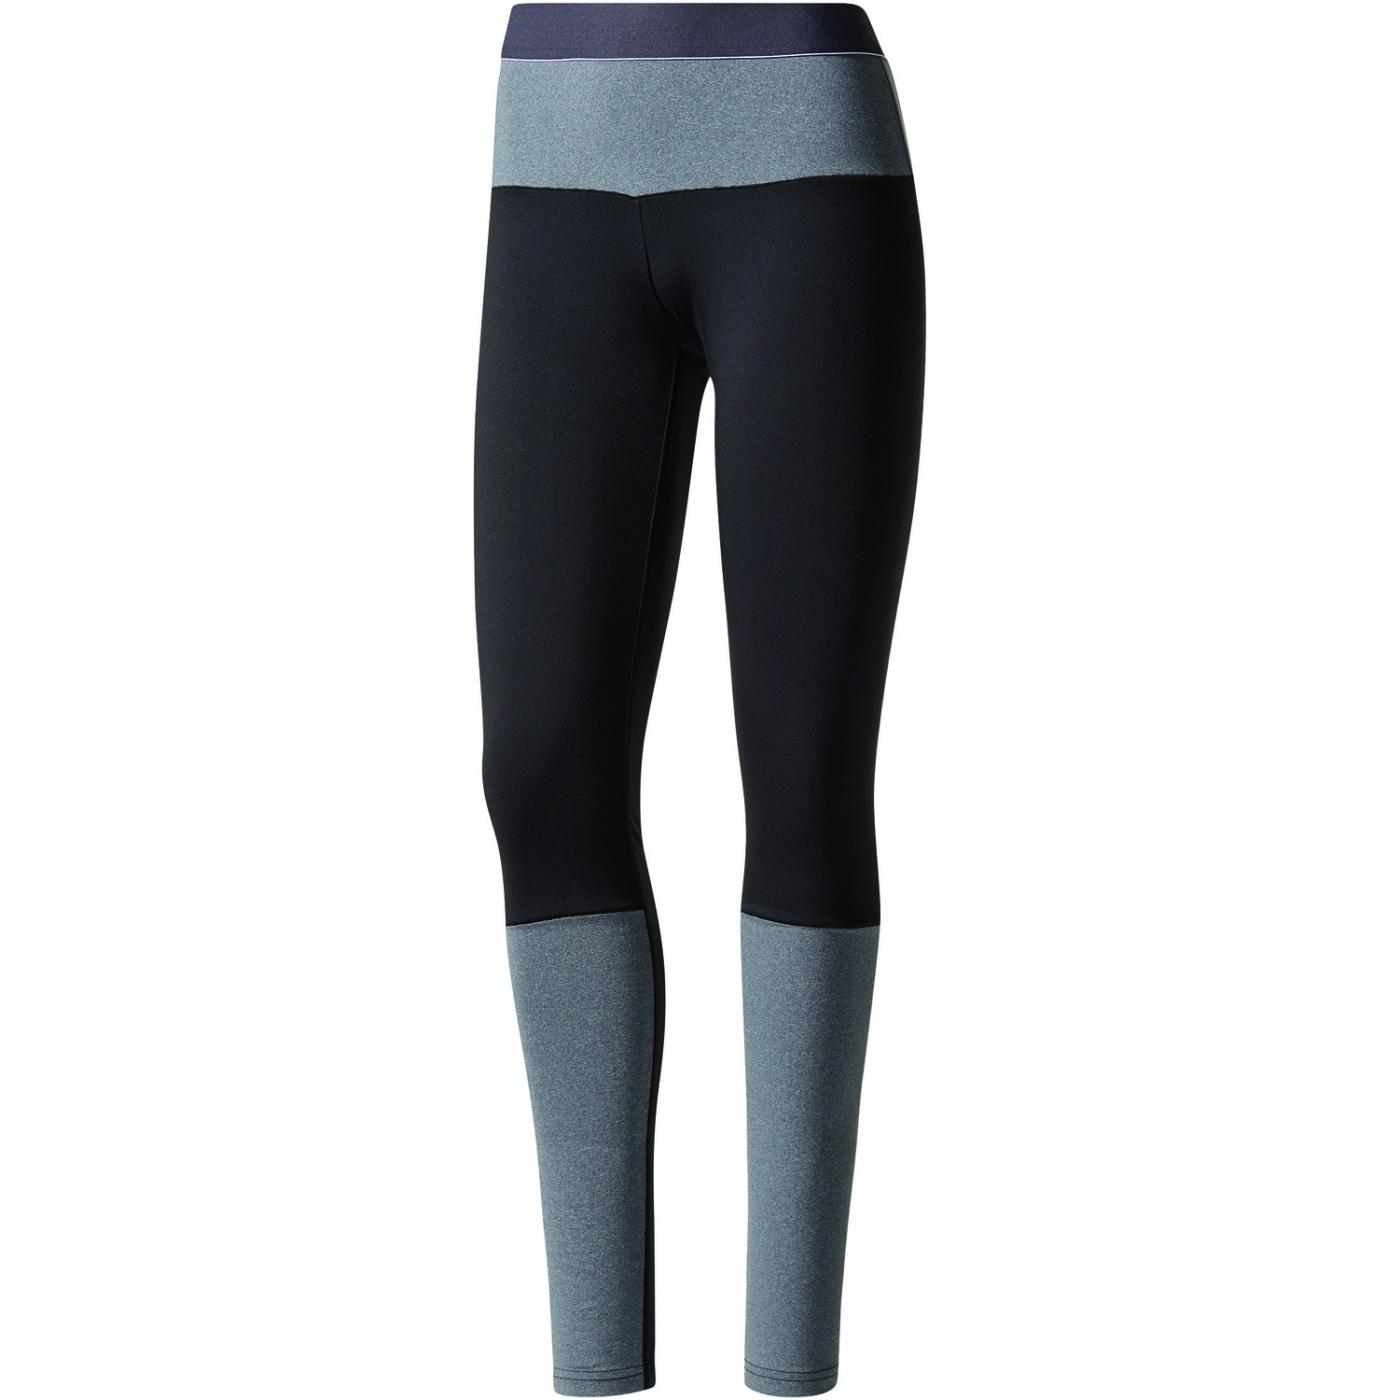 Collant Running Trail Adidas Xperior W Tights Noir  05190d97e44